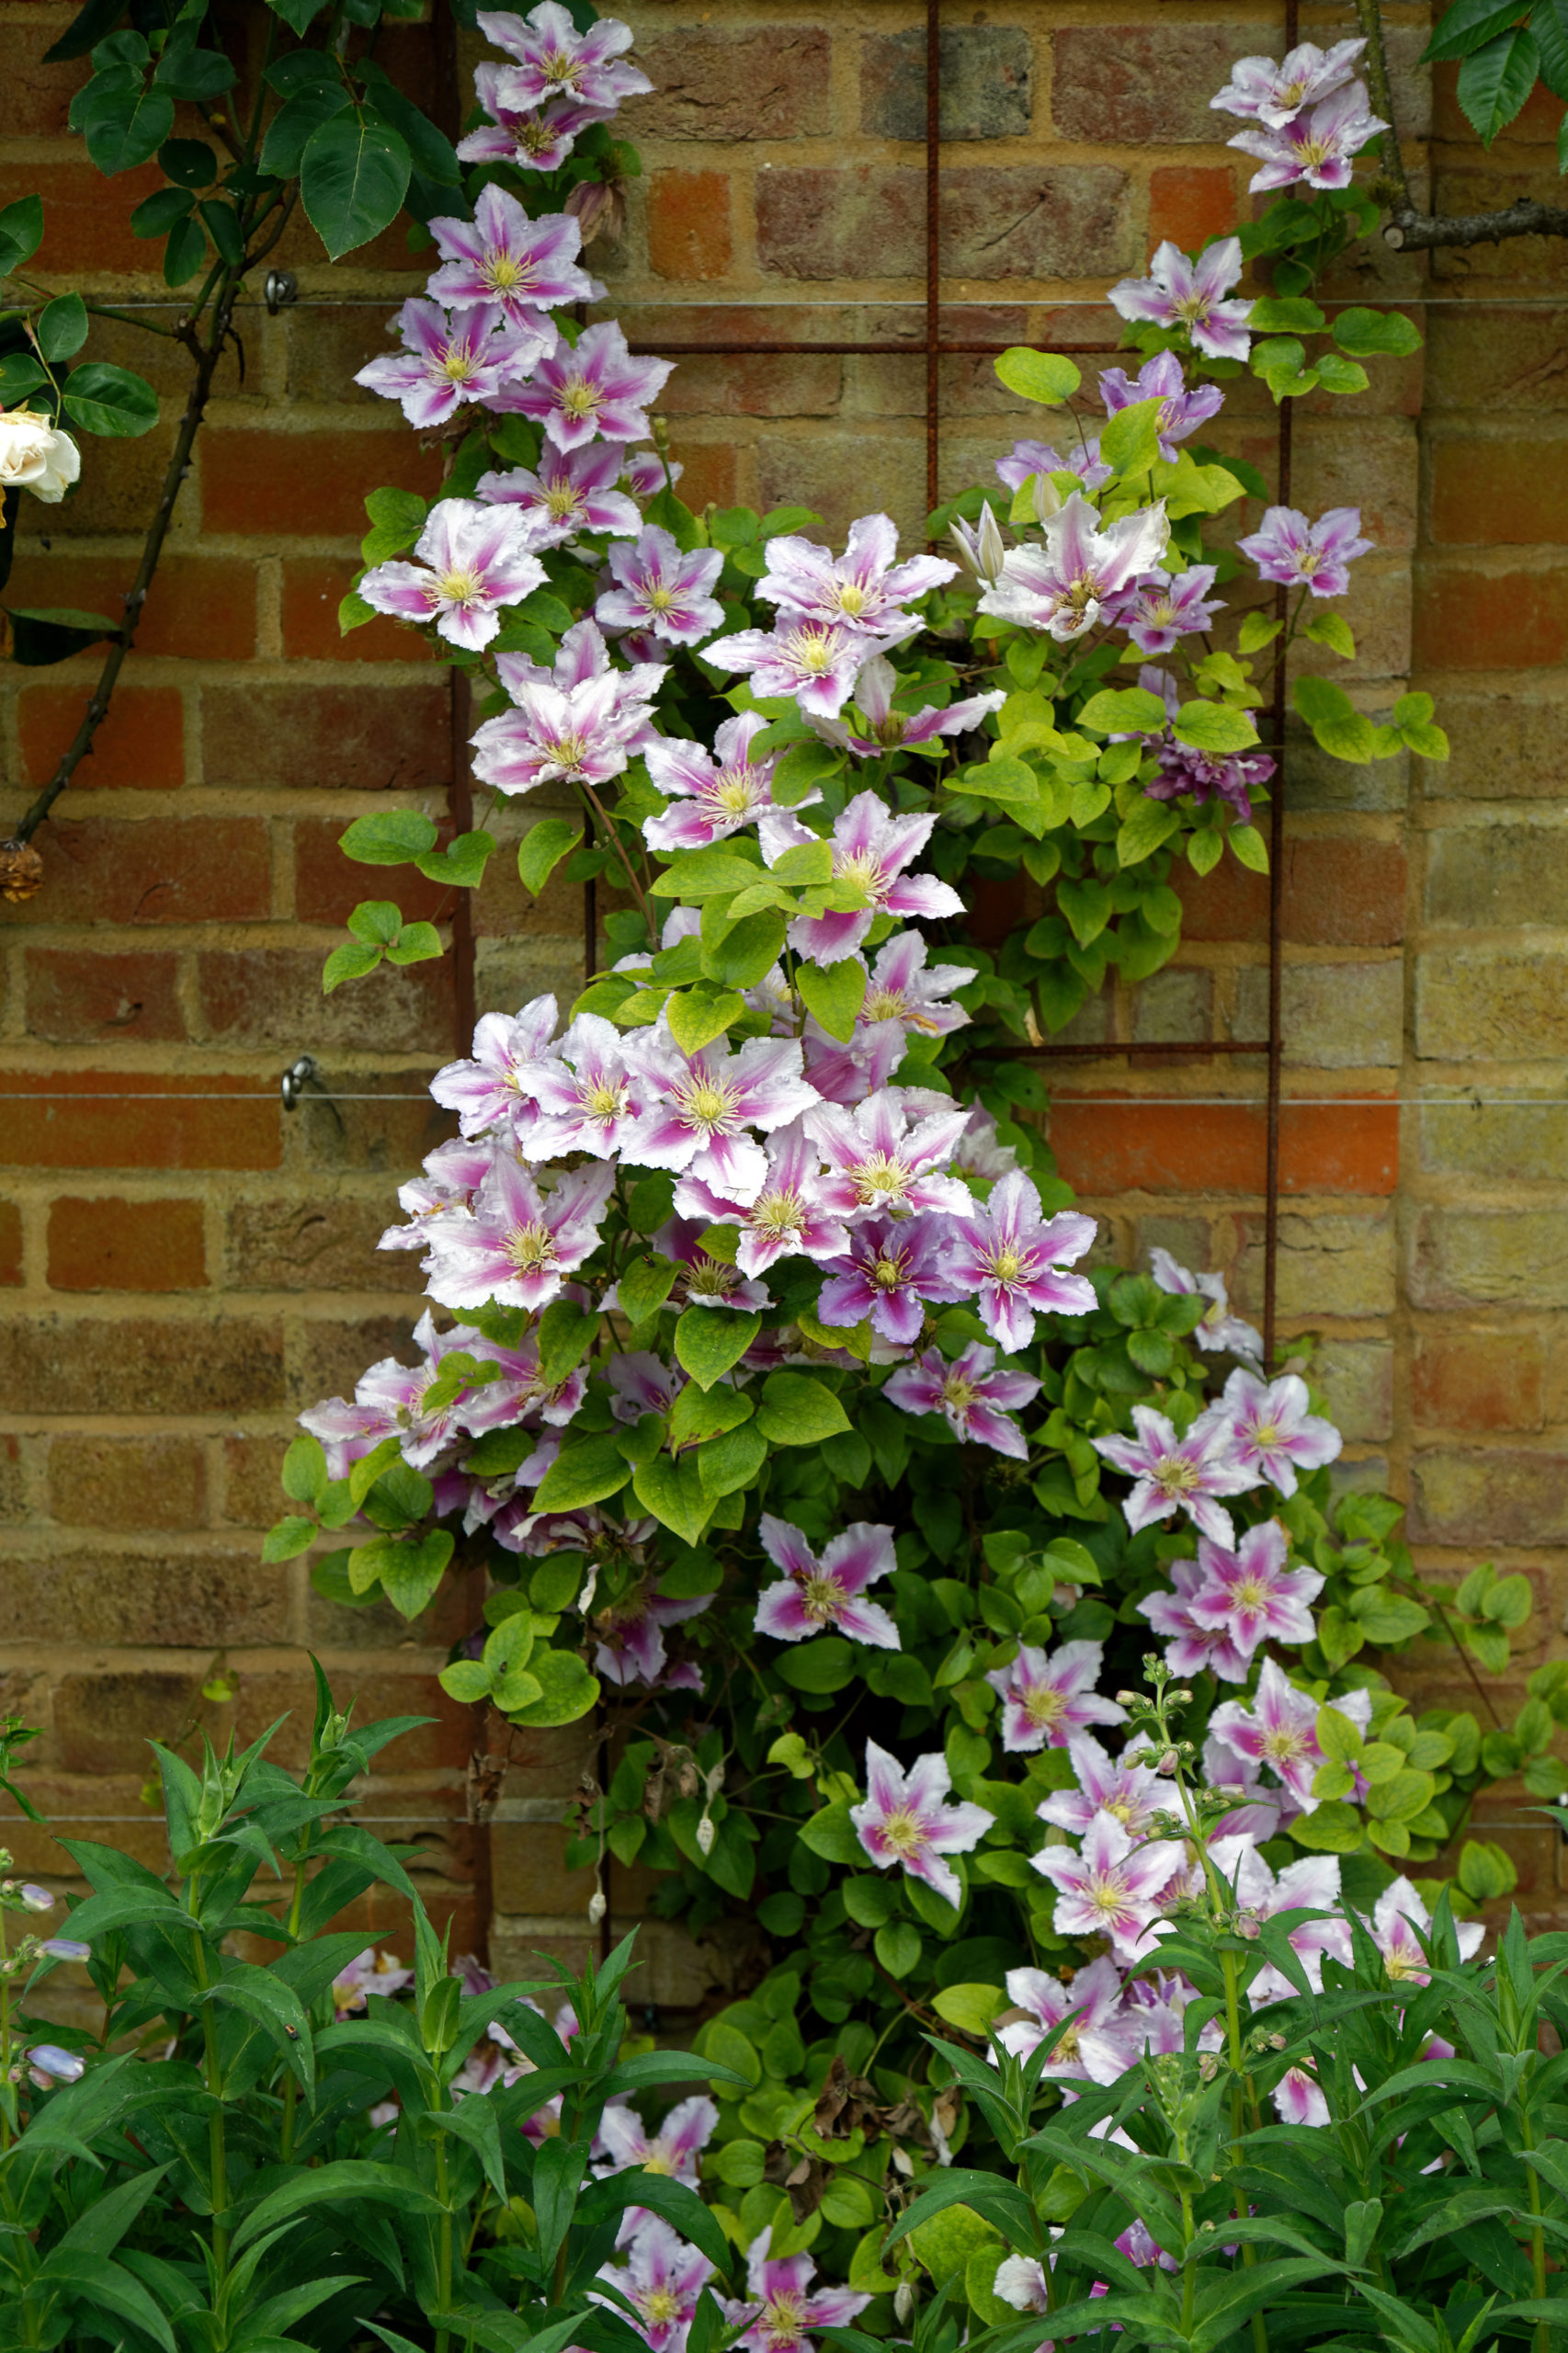 la clématite, une plante grimpante très jolie sur un mur